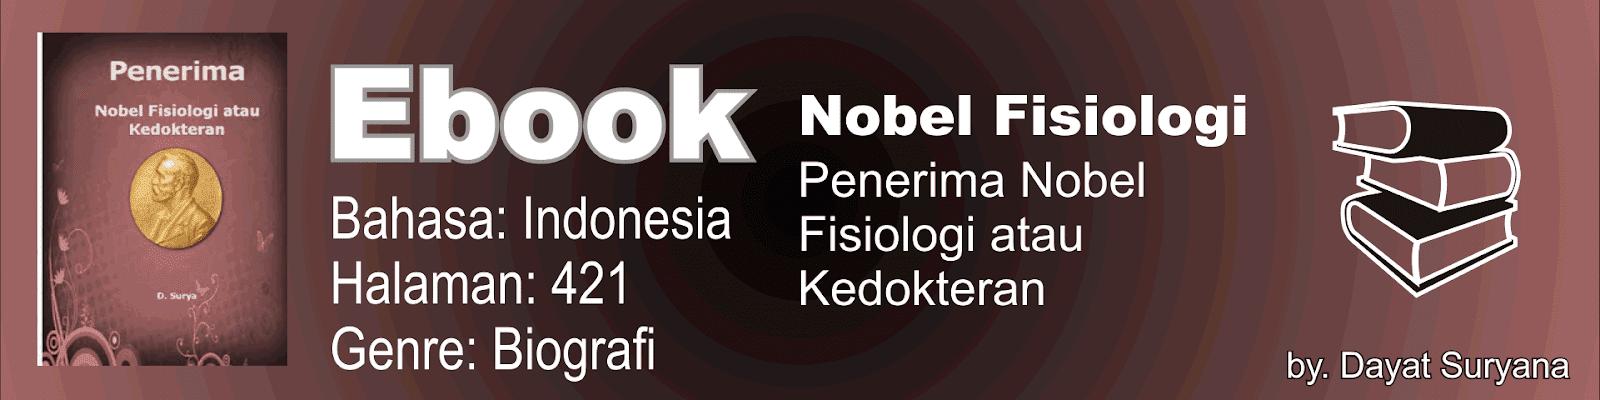 Buku Nobel Fisiologi